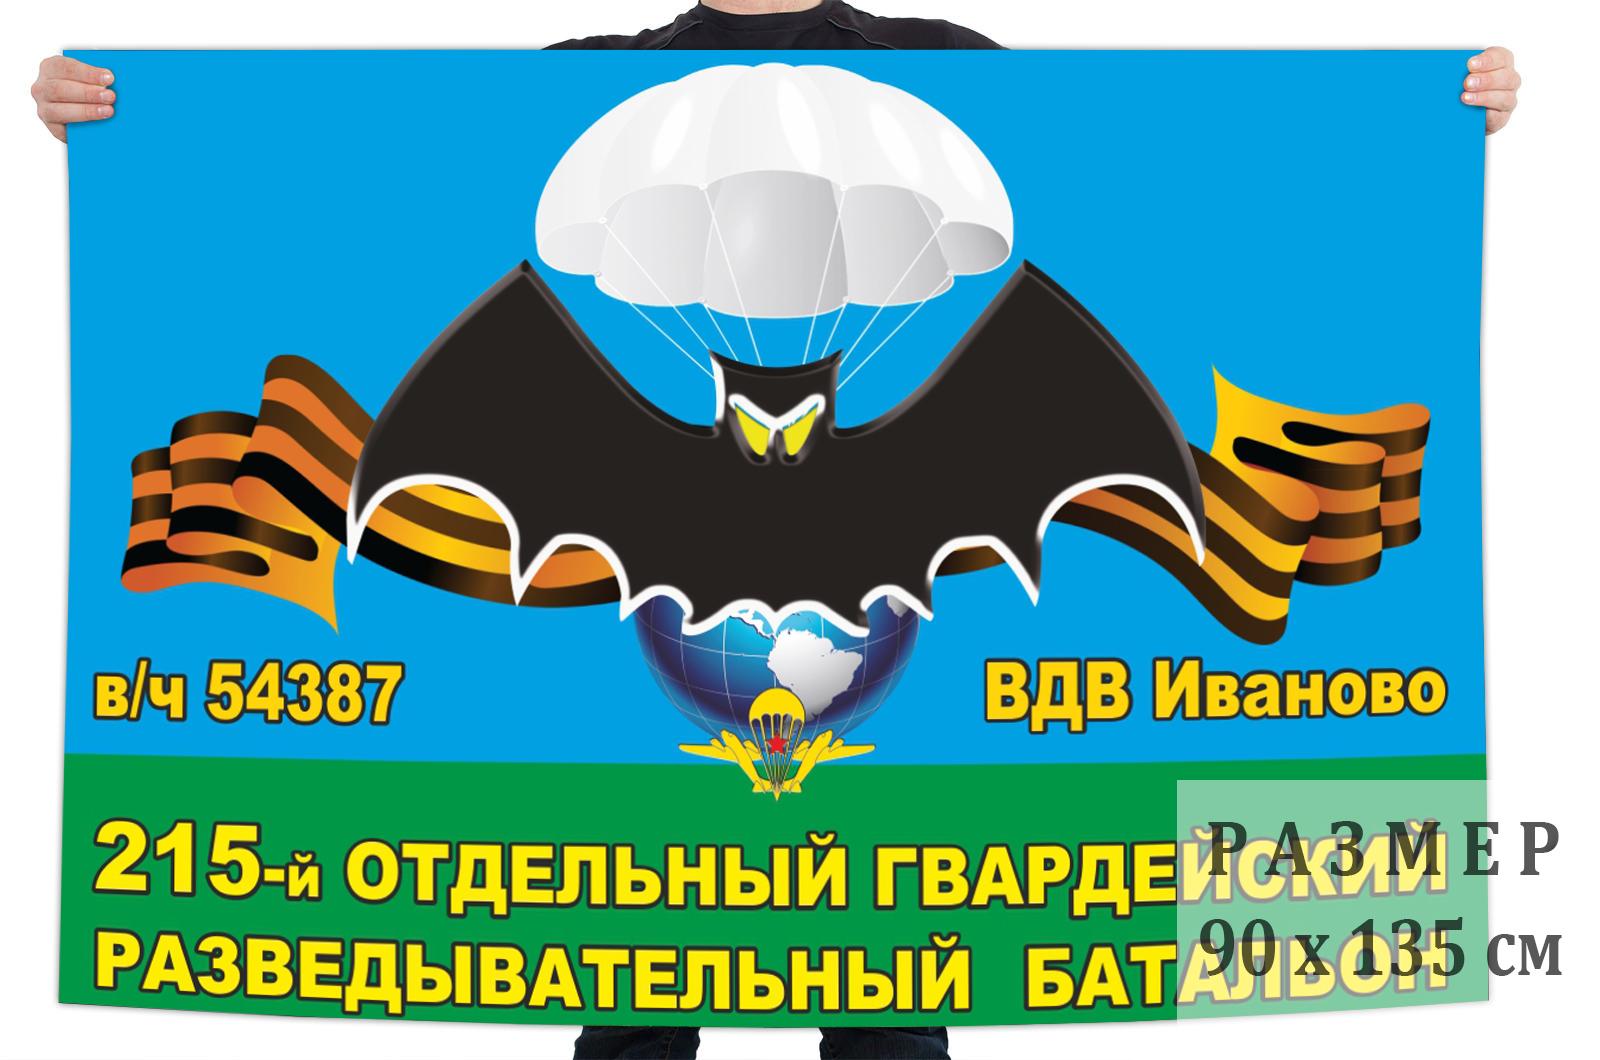 Флаг 215 отдельного гвардейского разведывательного батальона